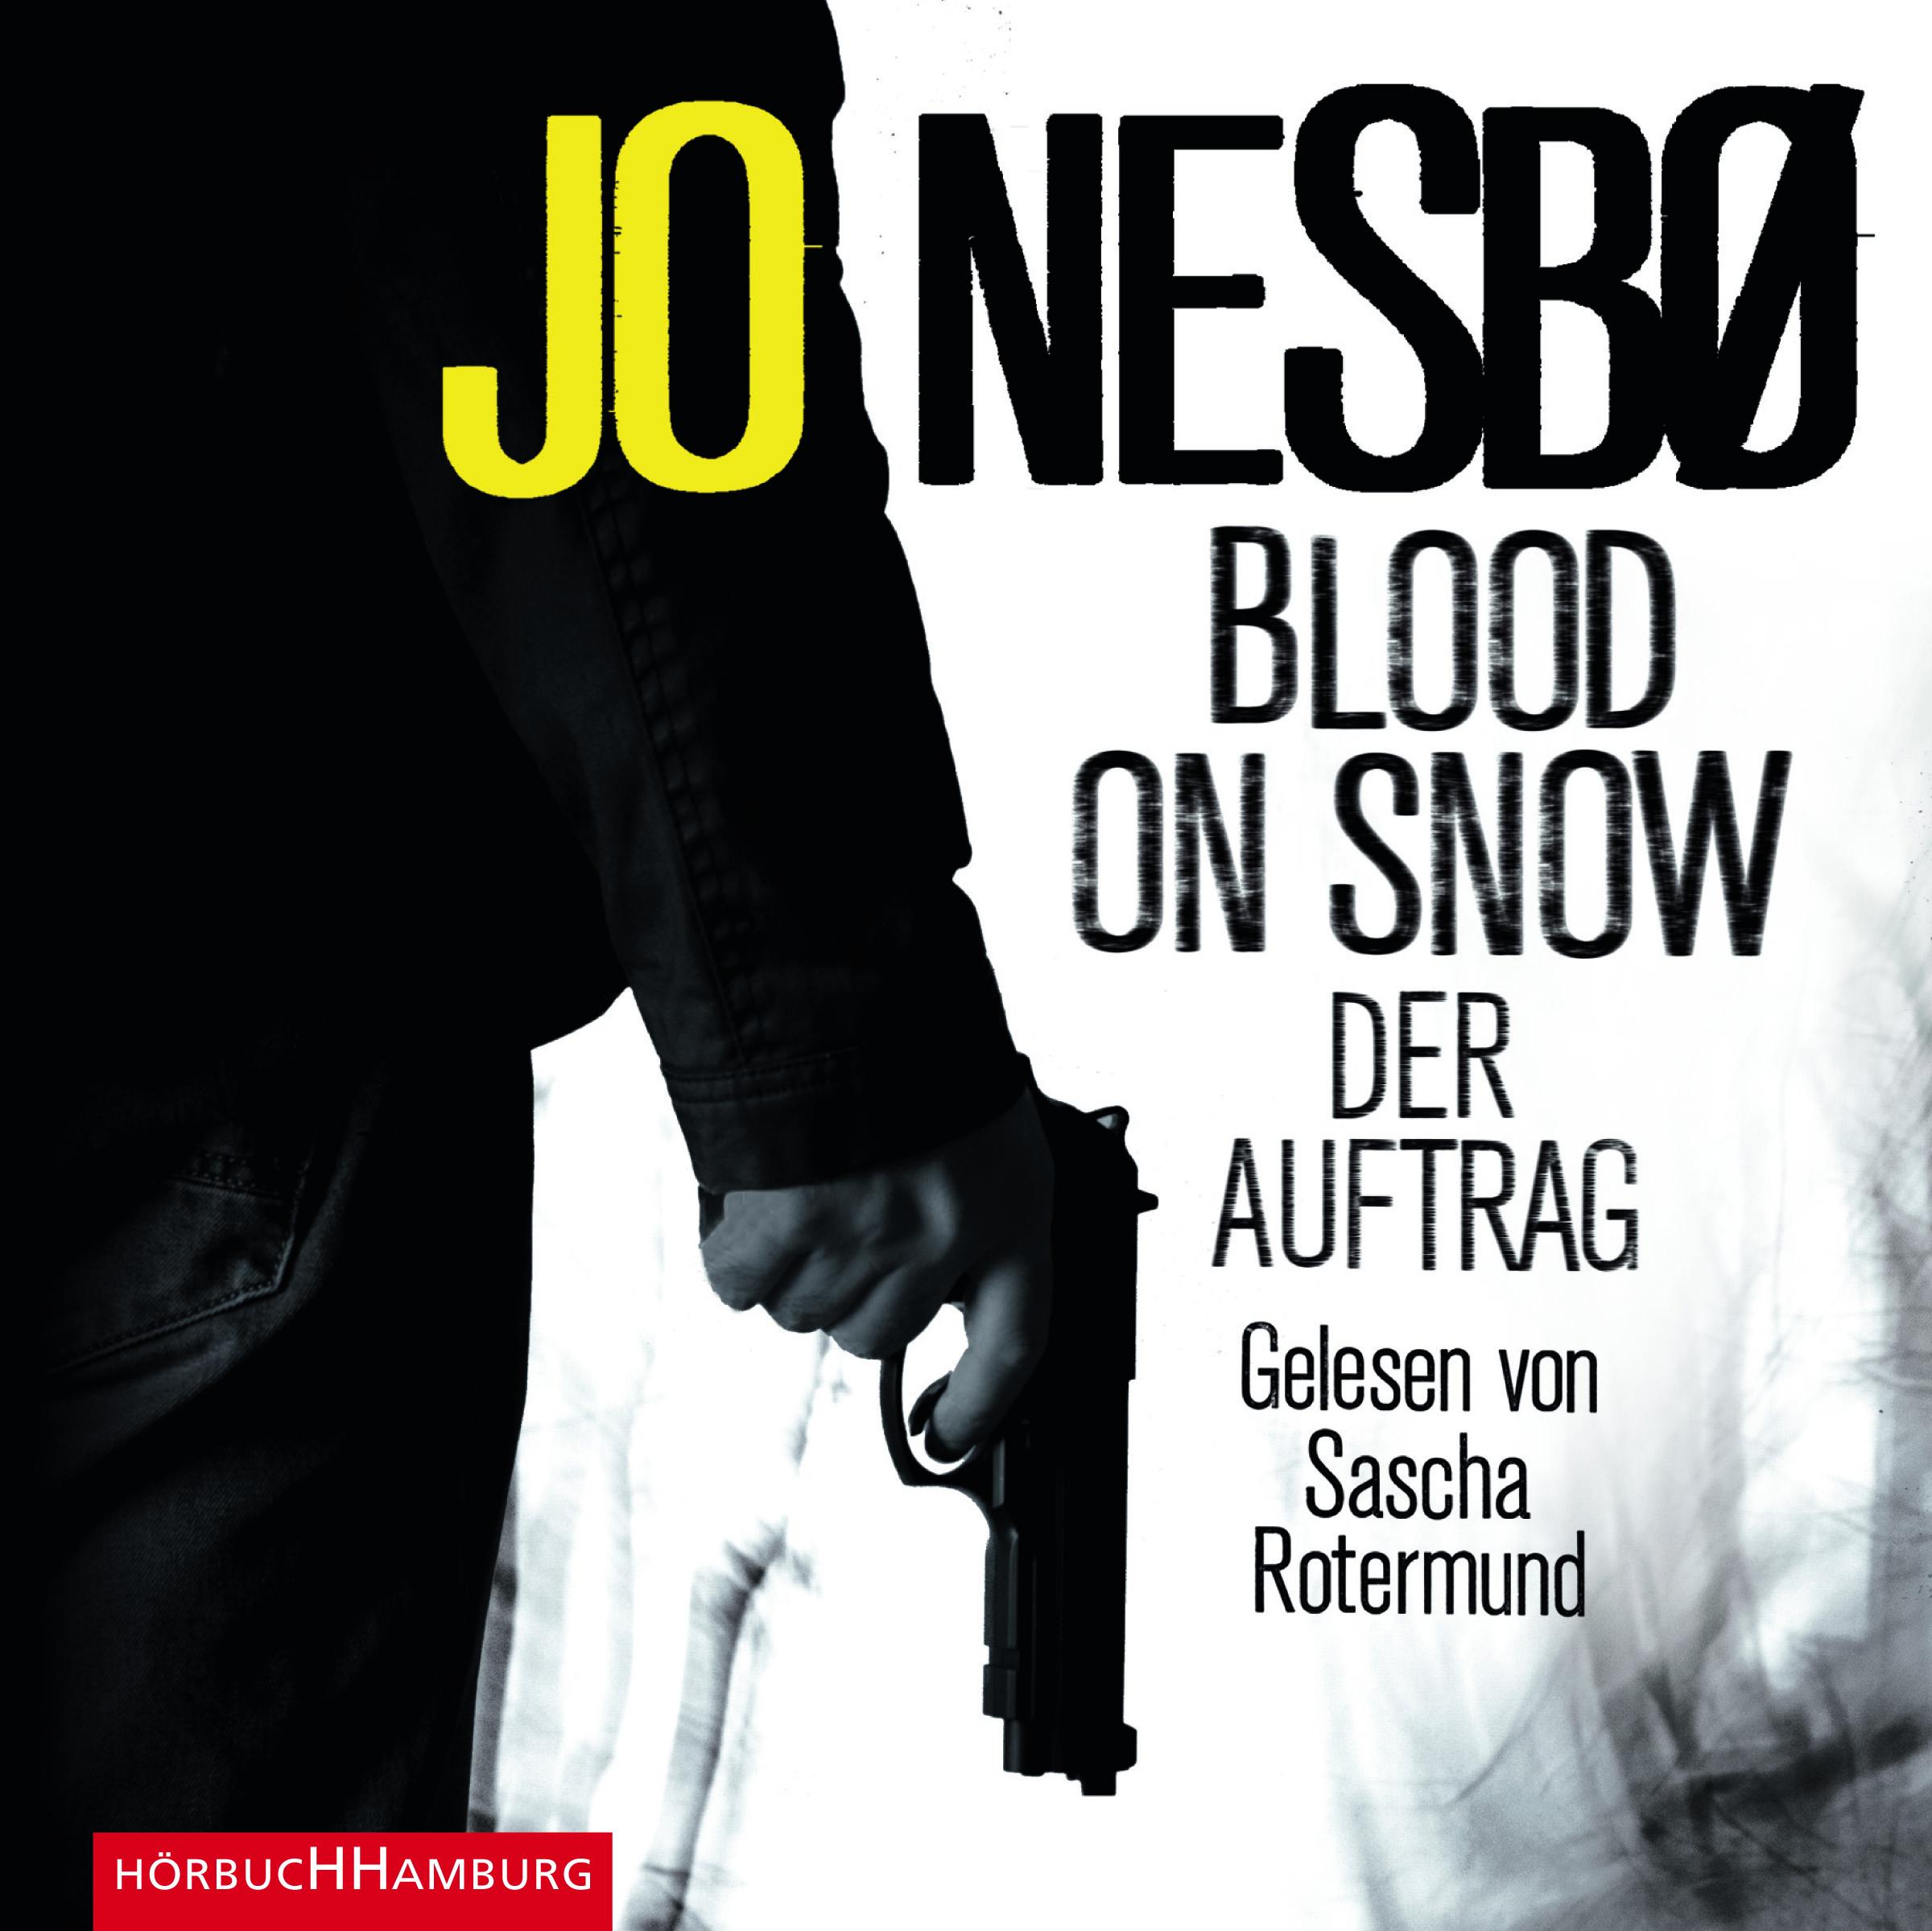 Cover für das Blood On Snow. Der Auftrag Hörbuch